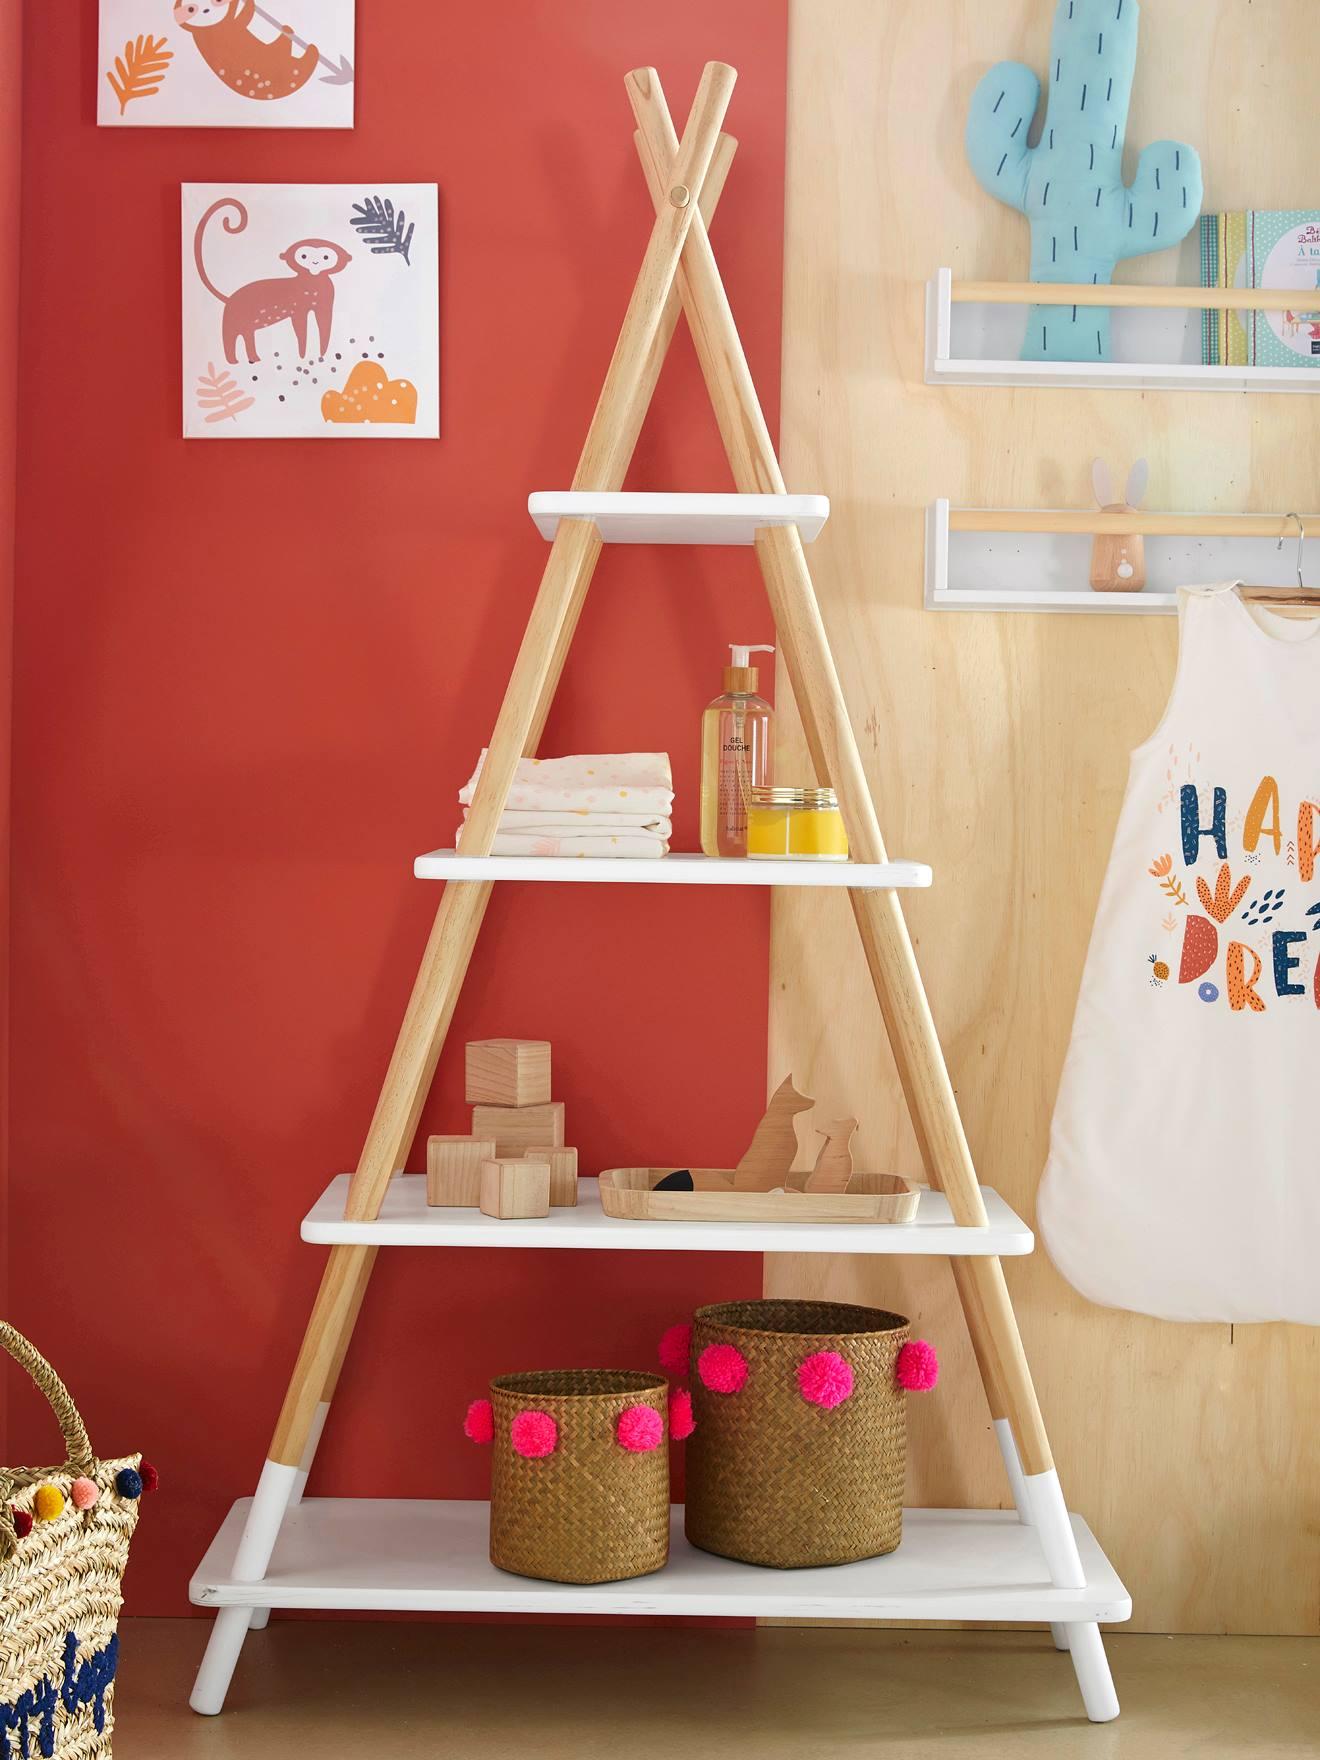 Full Size of Vertbaudet Regal Tipi Fr Kinderzimmer In Wei Regale Sofa Weiß Kinderzimmer Kinderzimmer Bücherregal